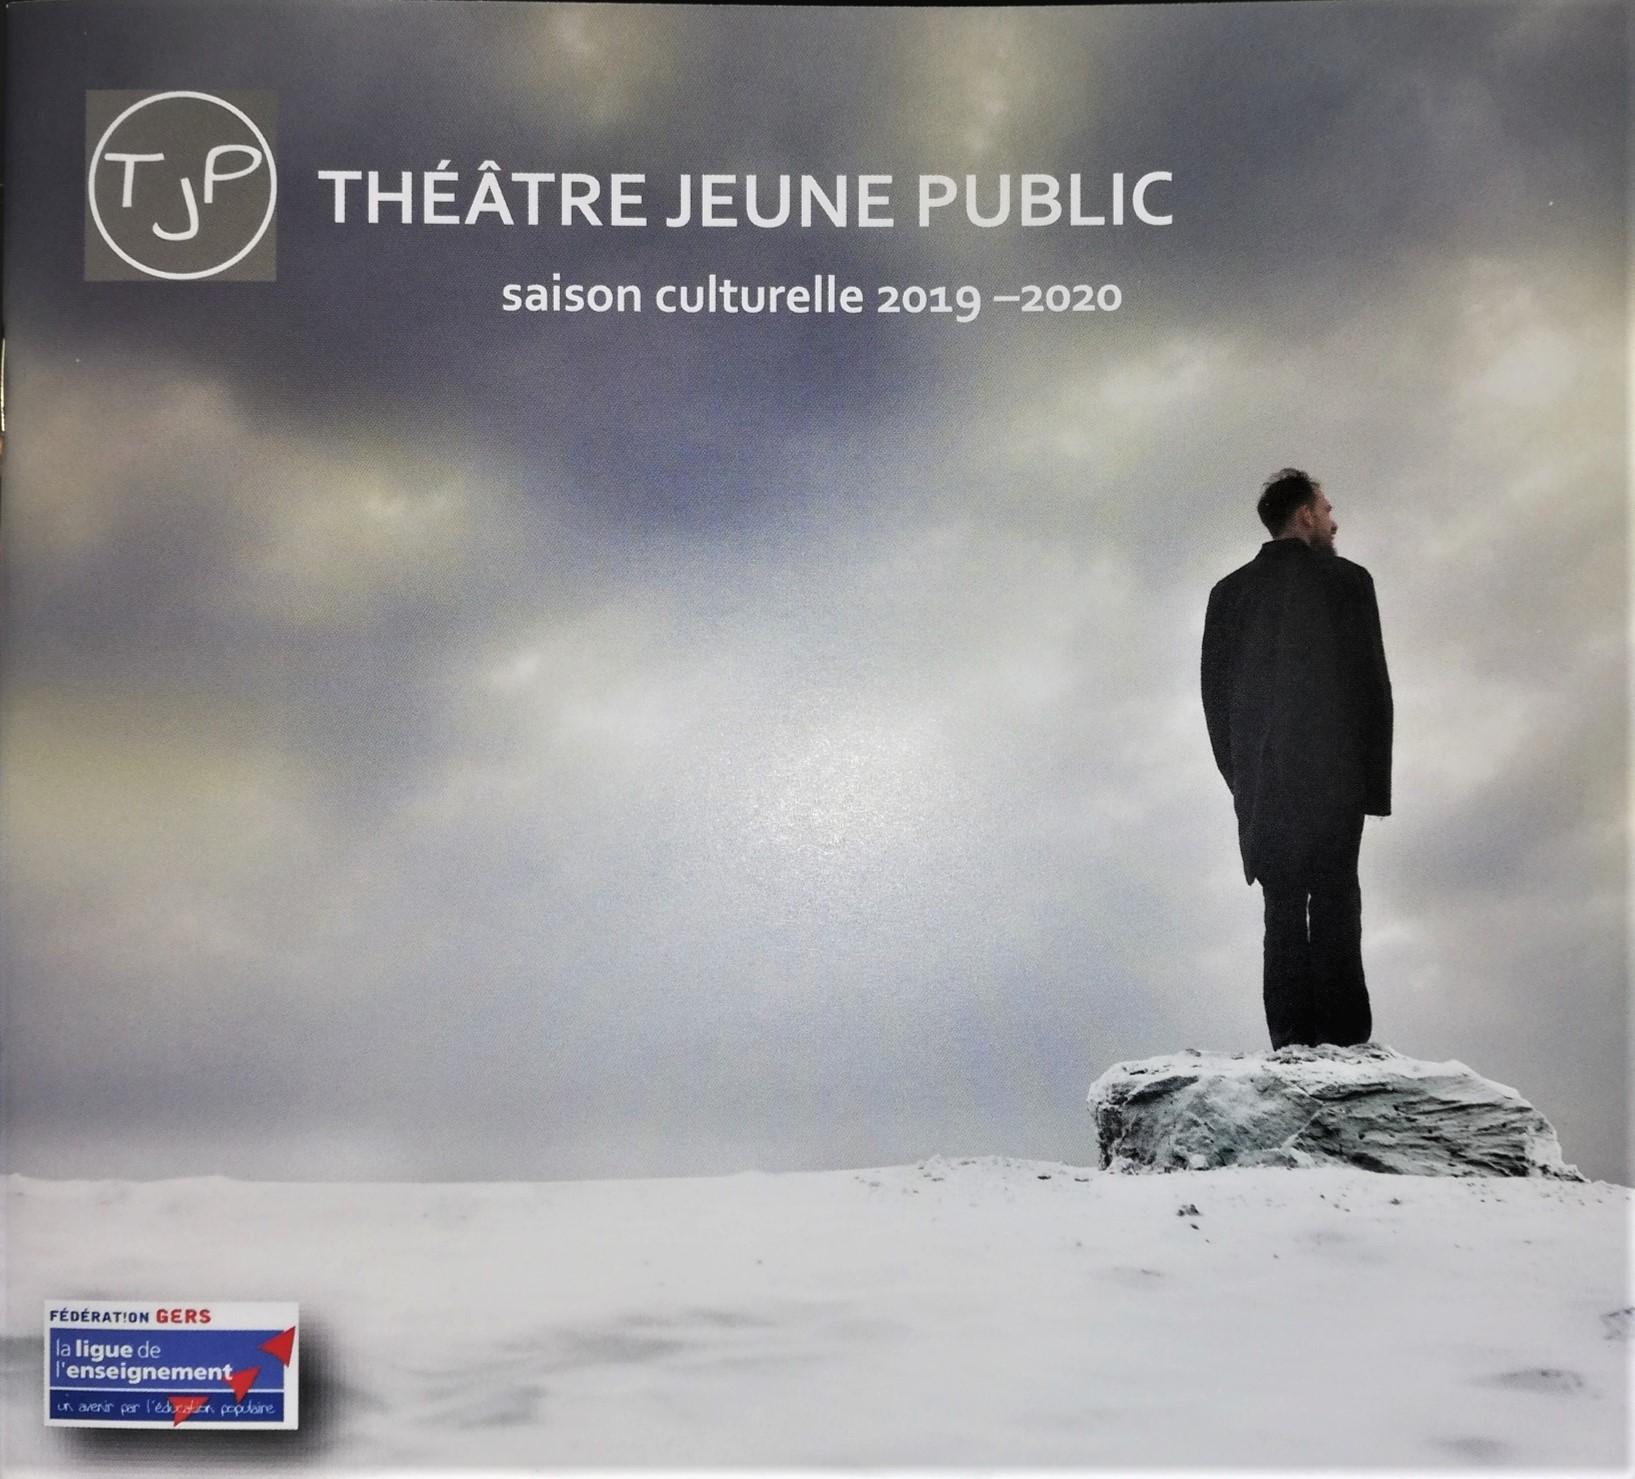 Théâtre Jeune Public - Ligue de l'enseignement du Gers - Saison 2019 - 2020